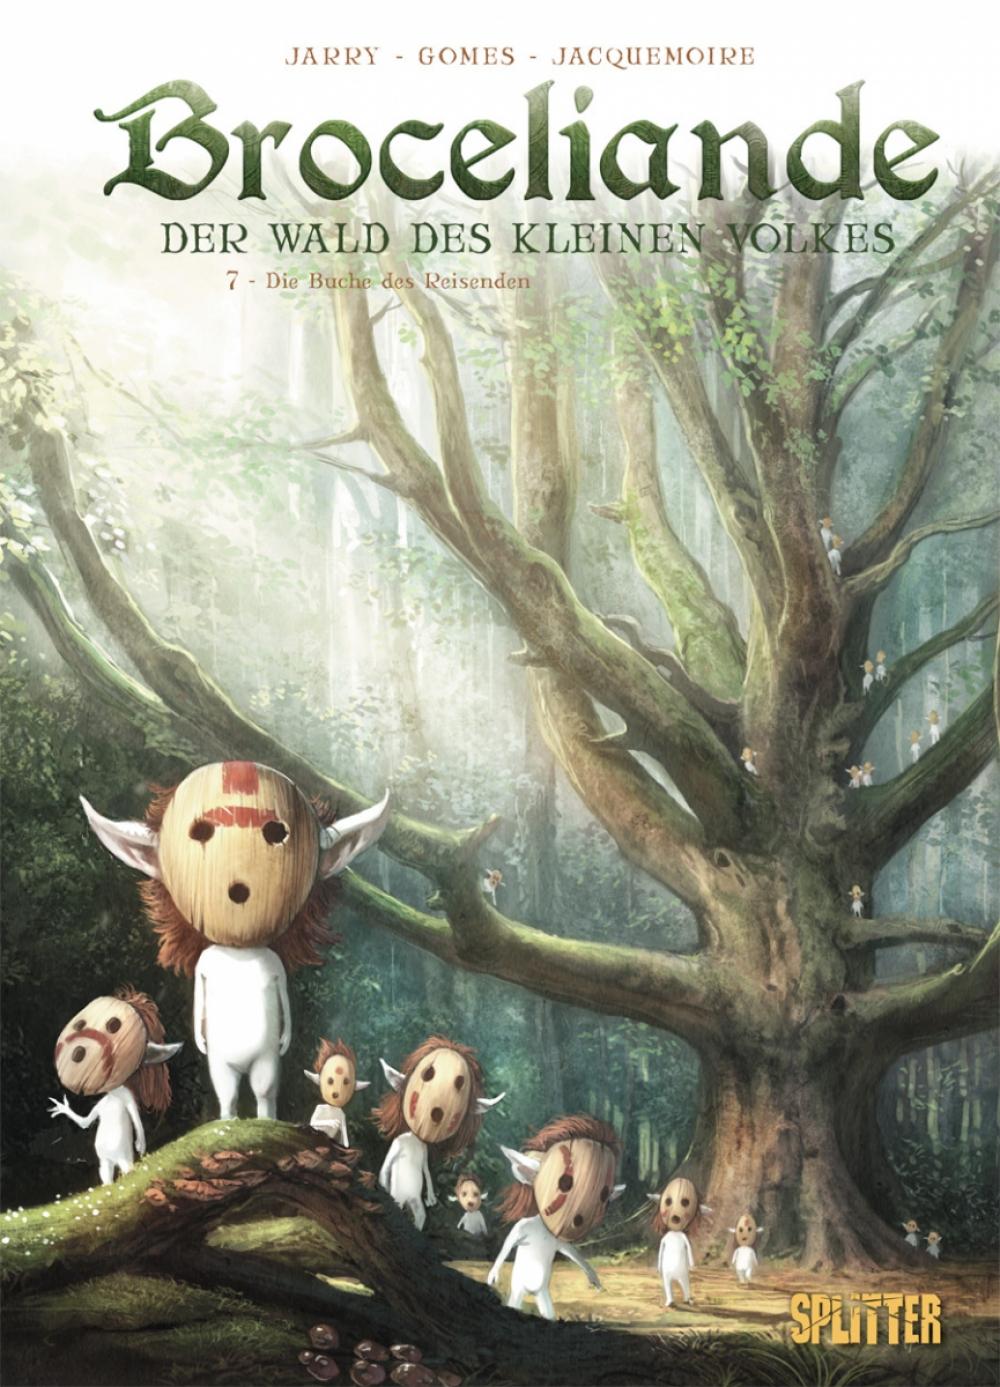 Broceliande - Der Wald des kleinen Volkes 7 : Die Buche des Reisenden